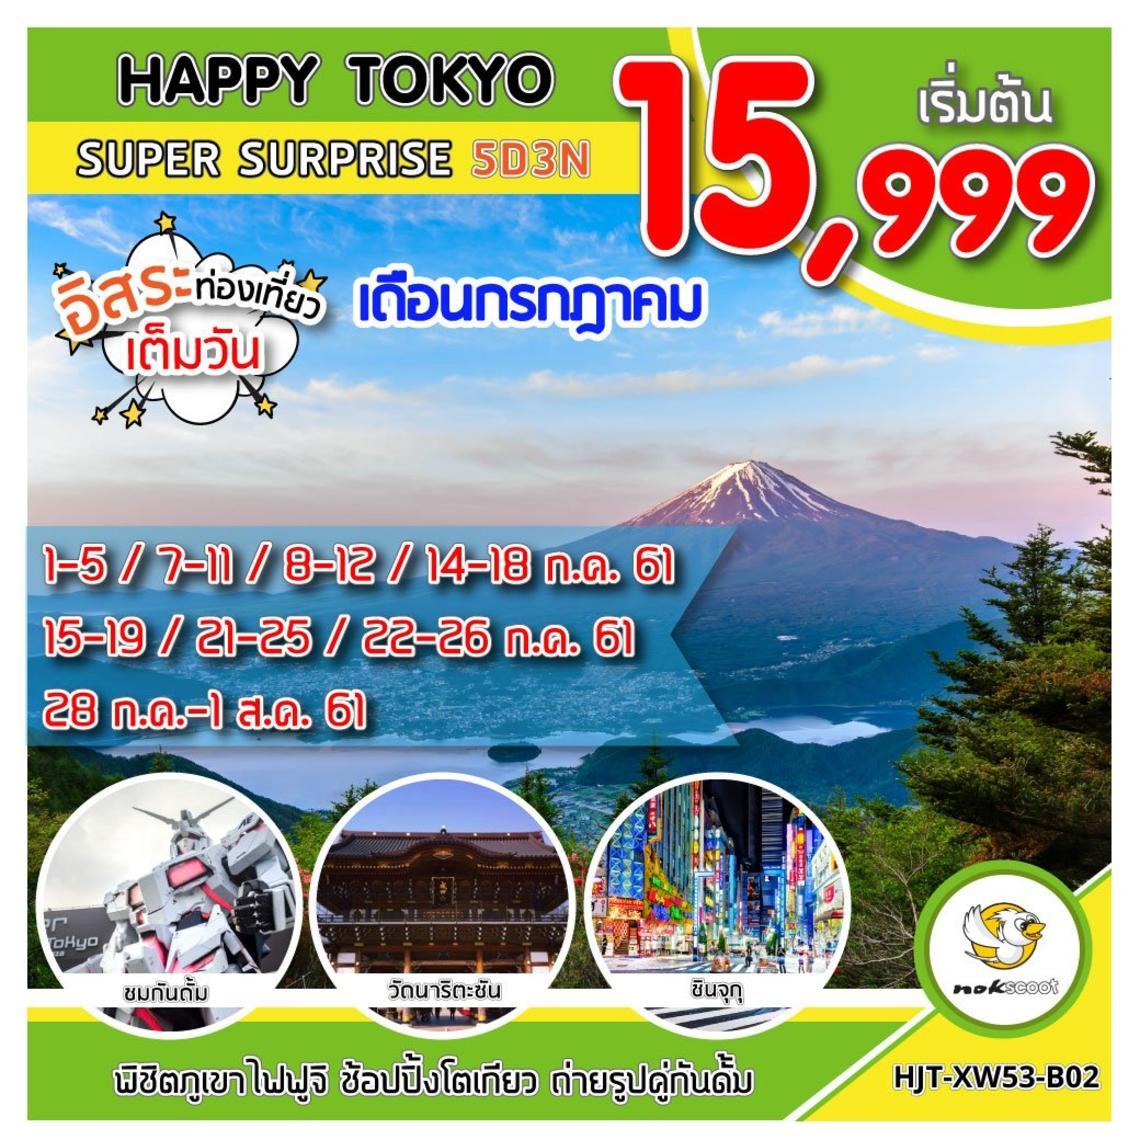 ทัวร์ญี่ปุ่น ทัวร์โตเกียว HJT-XW53-B02 HAPPY TOKYO SUPER SURPRISE UPDATE 4/04/61